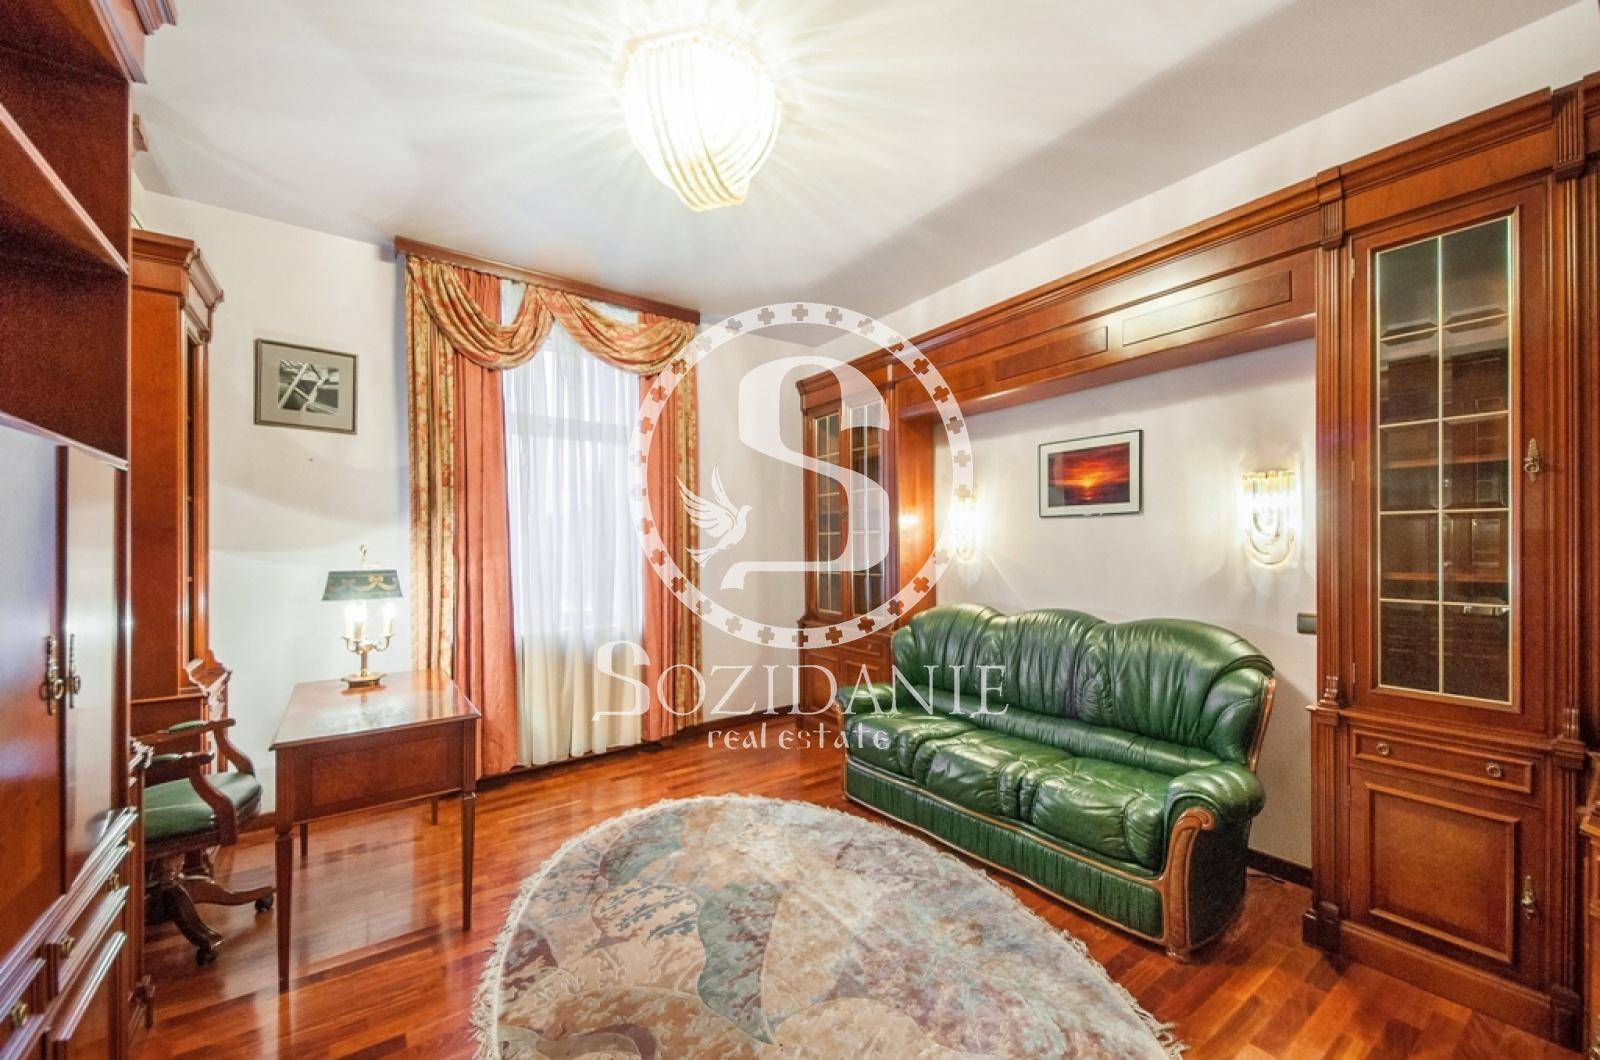 4 Комнаты, Городская, Продажа, Улица Минская, Listing ID 1314, Москва, Россия,